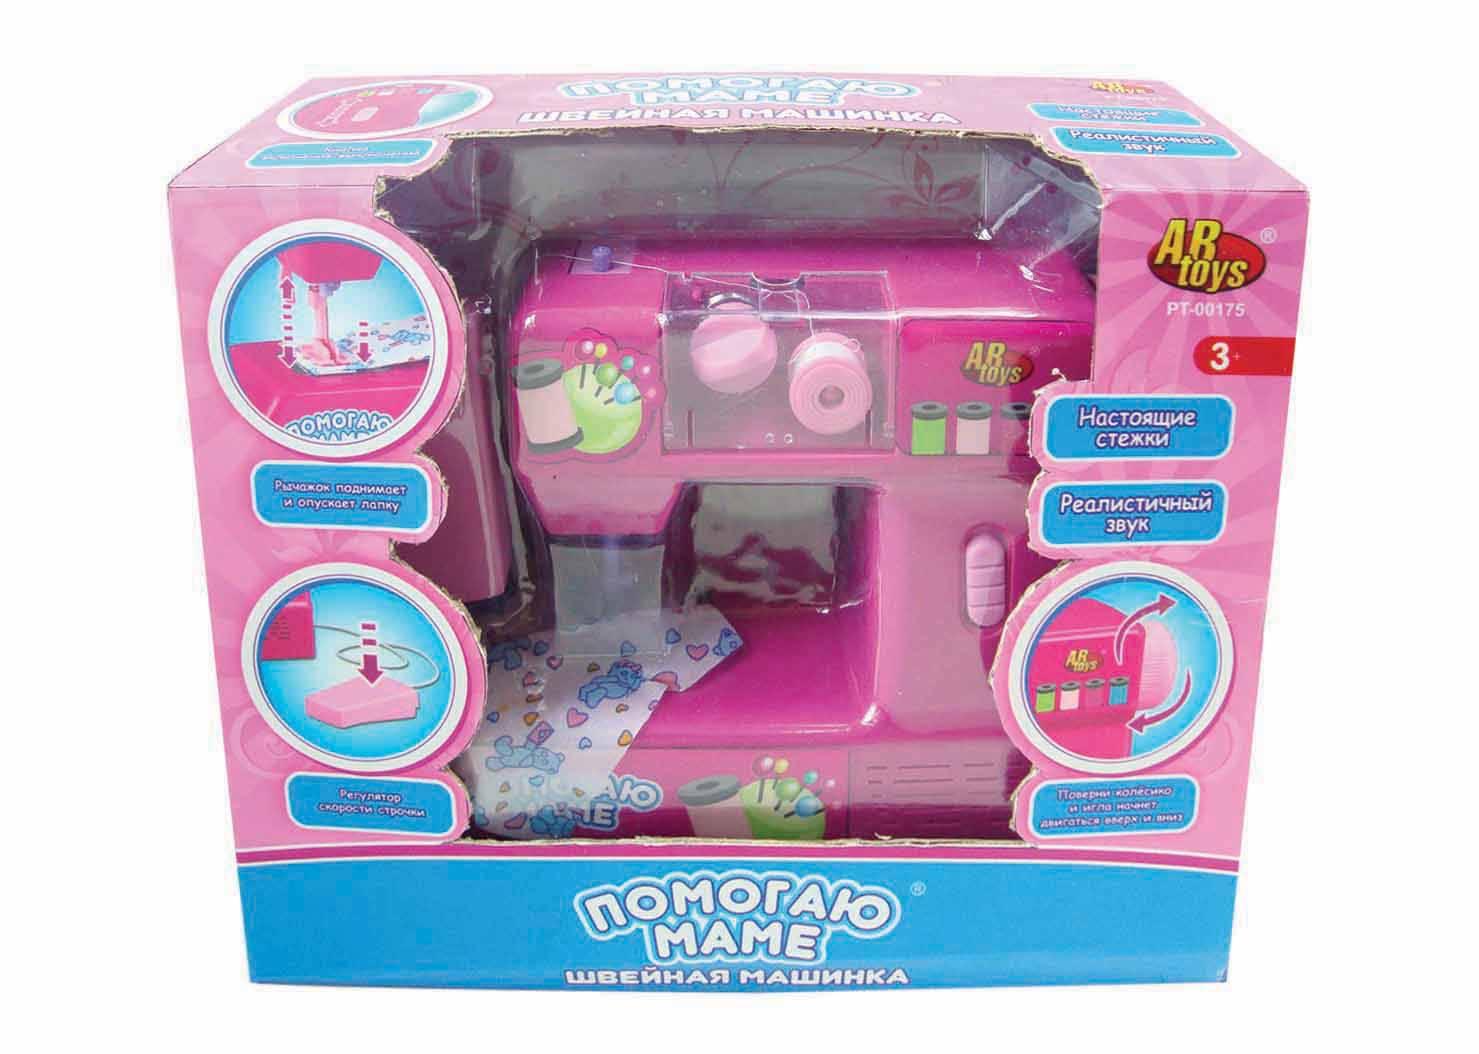 Набор игровой серии Помогаю Маме - Швейная машинкаУборка дома, стирка, глажка<br>Набор игровой серии Помогаю Маме - Швейная машинка<br>